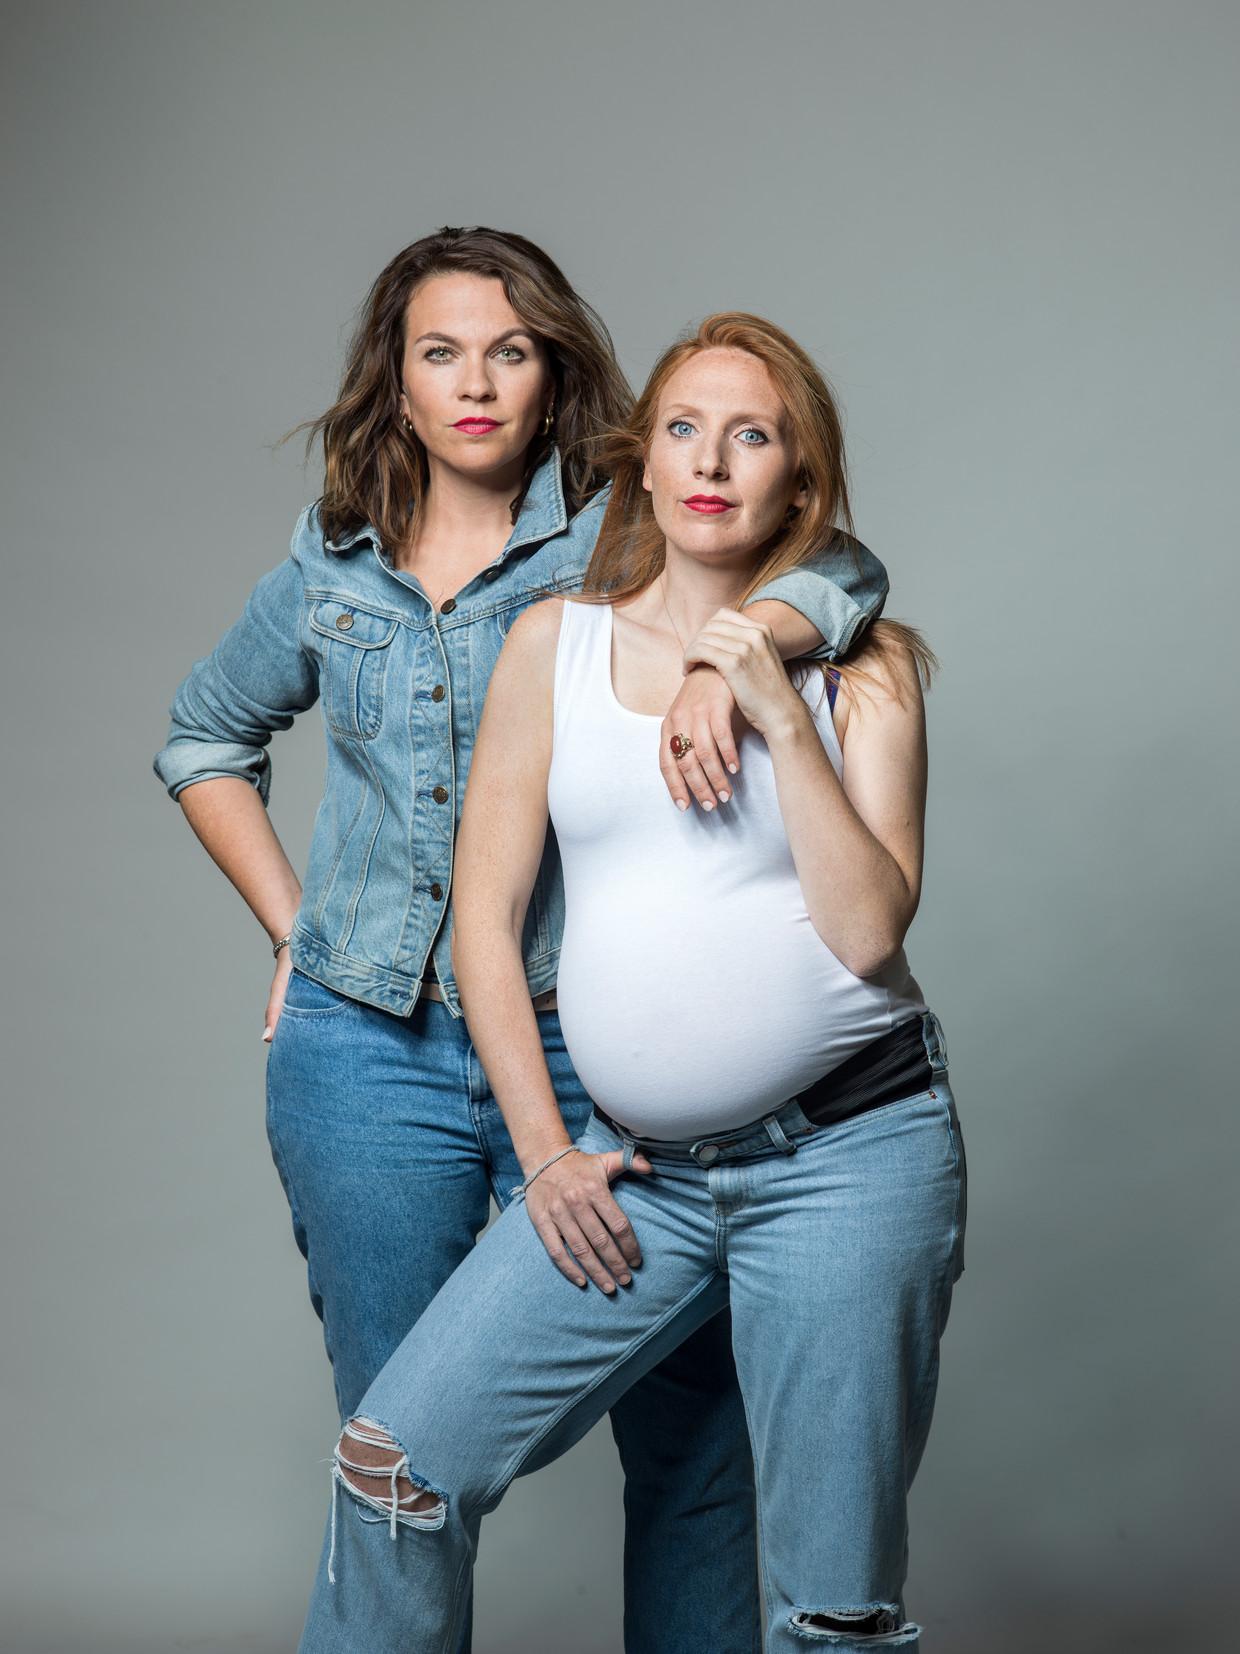 'Ik ben op dieet: ik werd ongelukkig van de beelden van 'Durf te vragen'. Iedereen zei: 'Je hebt zoveel uitstraling!' Maar ik dacht: ik ben te dik ' Beeld Johan Jacobs Humo 2020